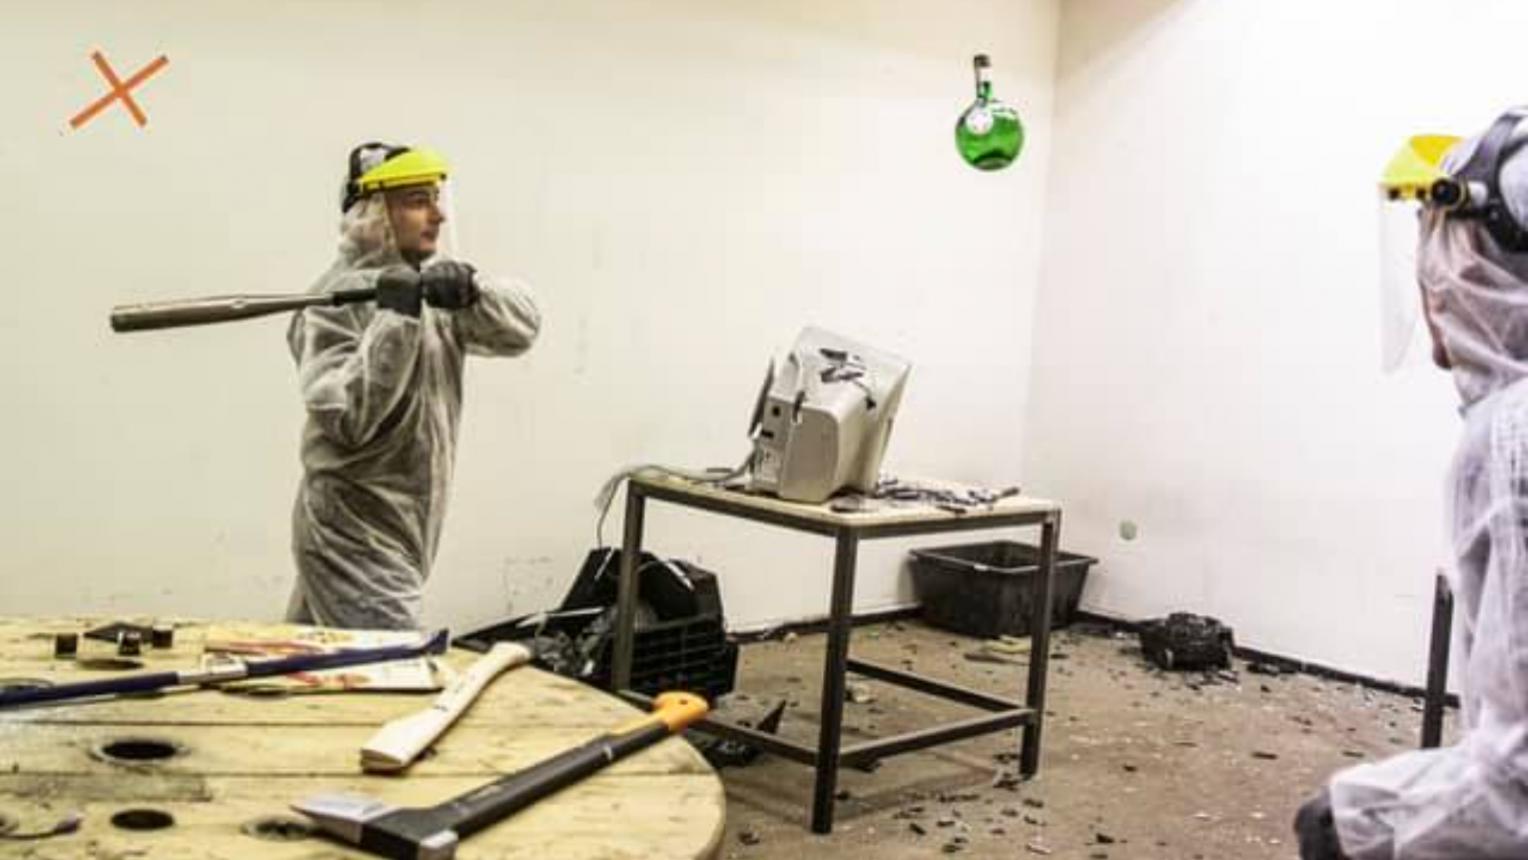 Csapatos megsemmisítés csomag a TÖRD SZÉT szobában